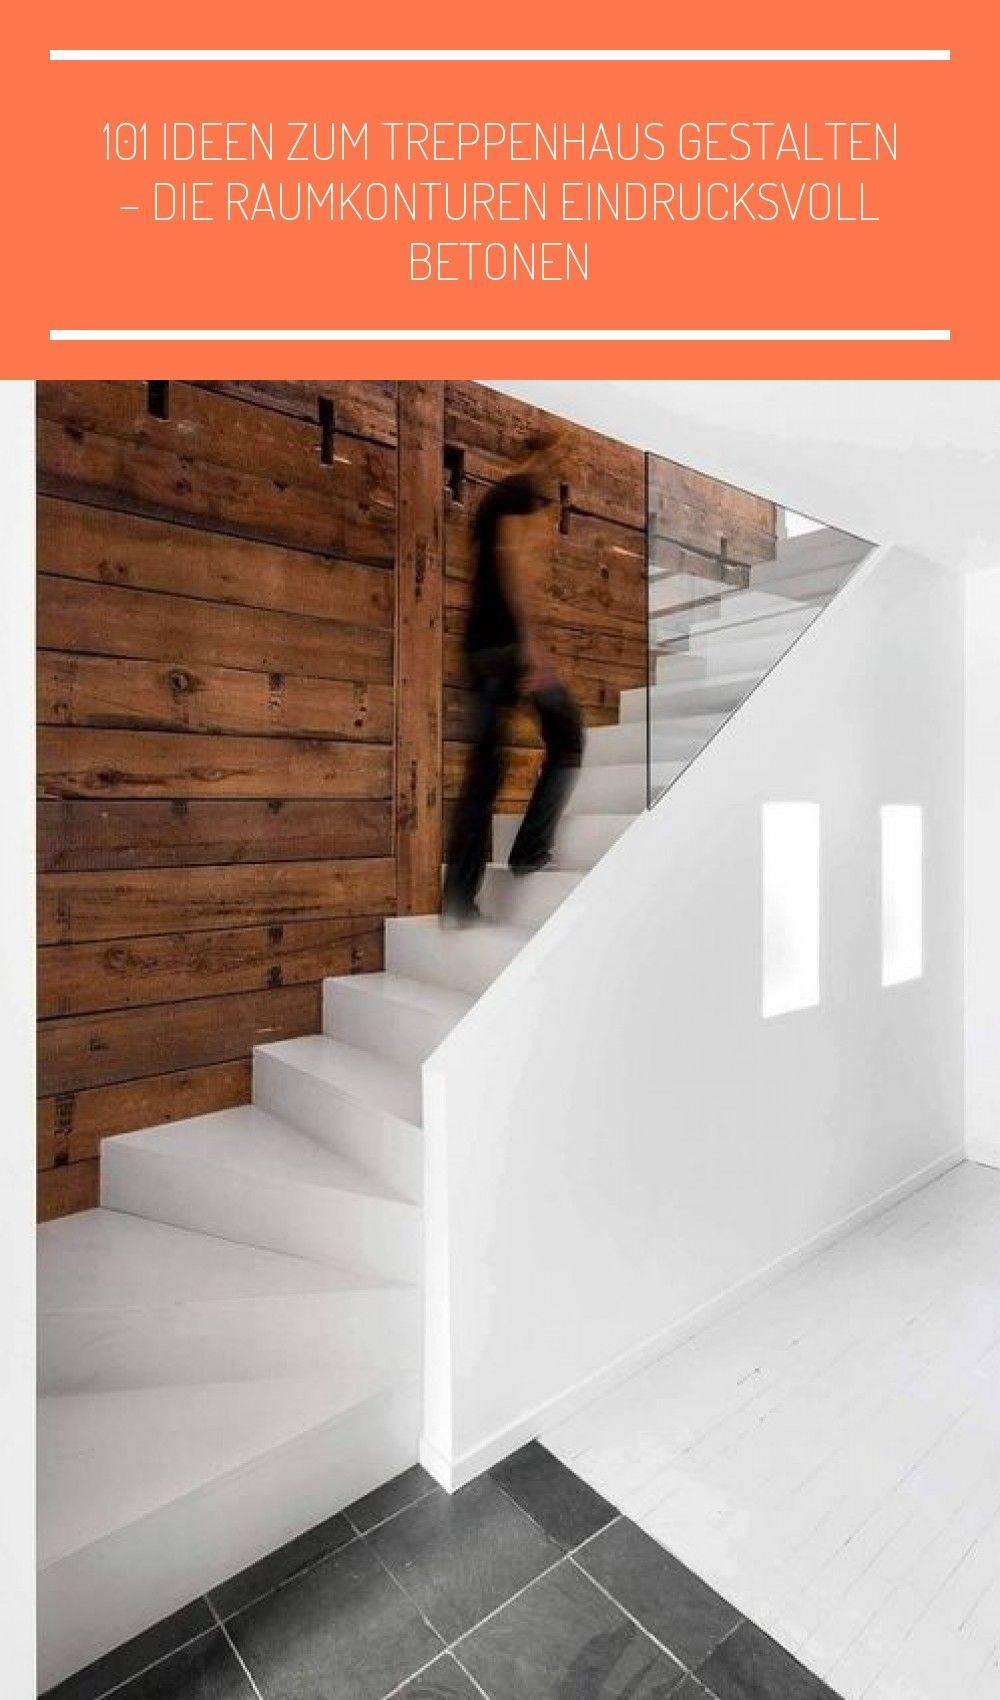 101 Ideen Zum Treppenhaus Gest In 2020 Home Decor Decor Stairs